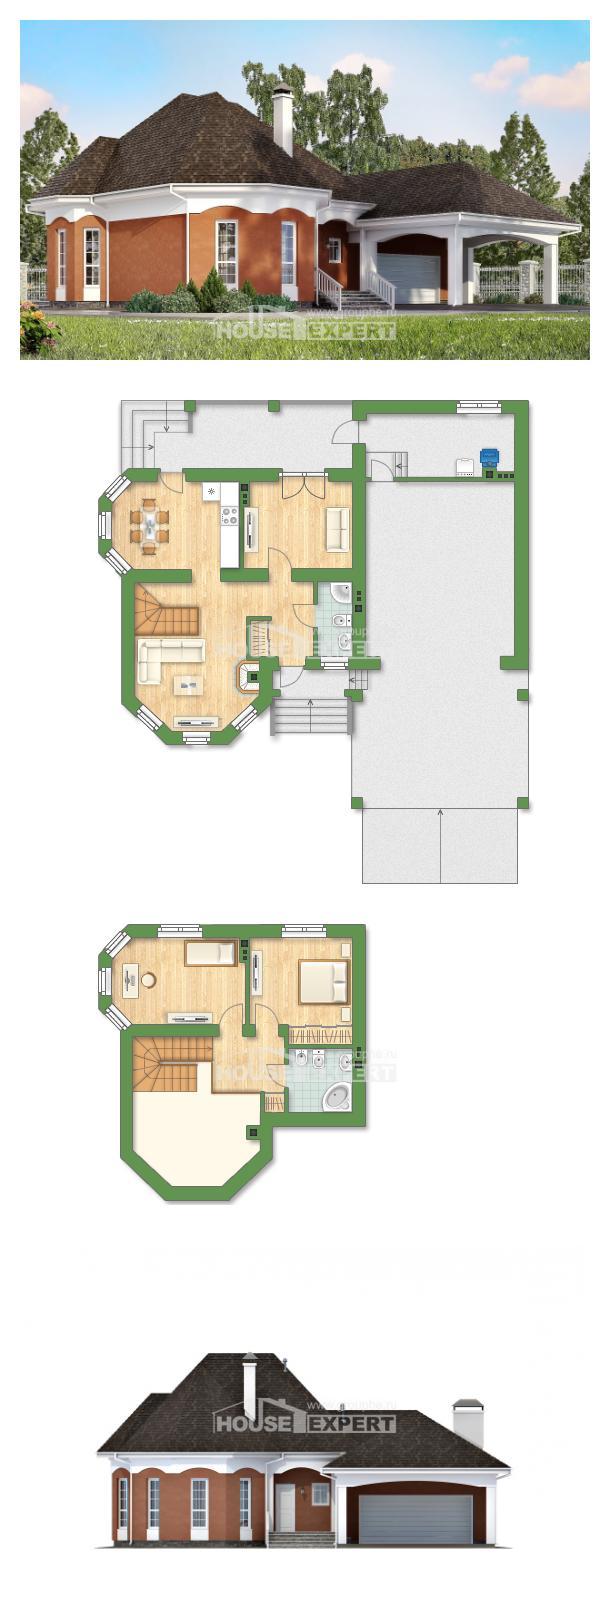 Plan 180-007-R | House Expert